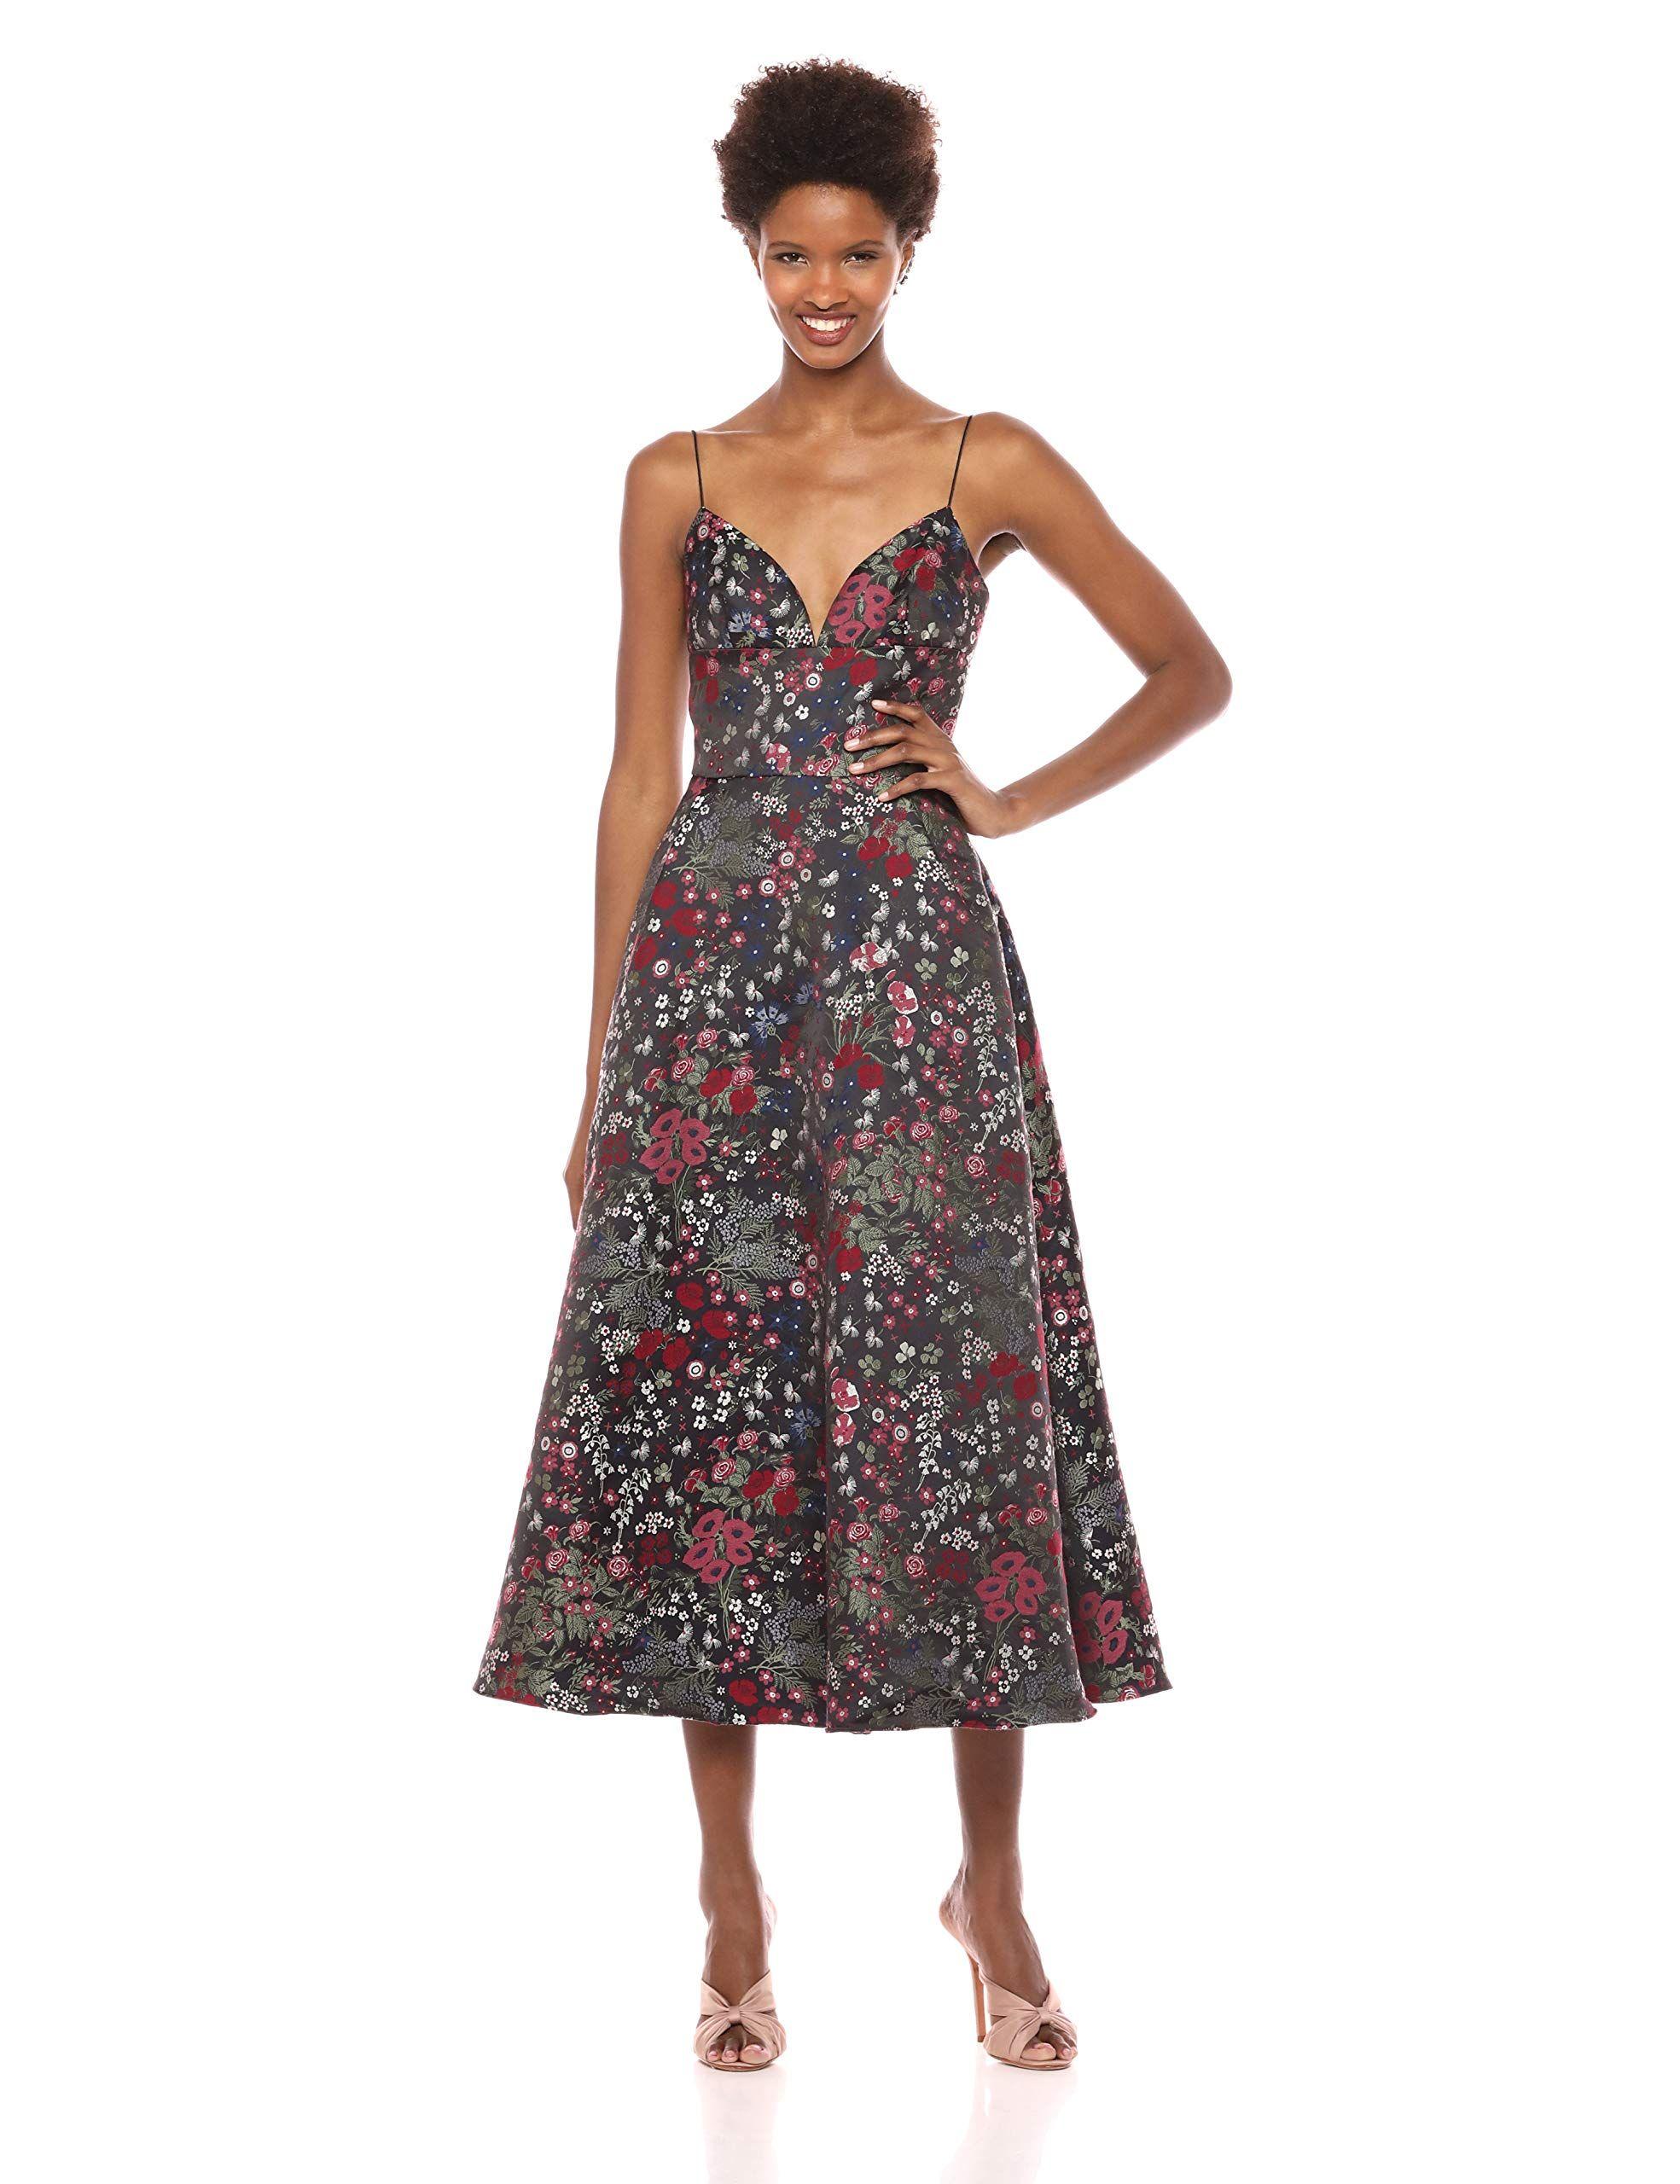 4f220ac1cd0 ML Monique Lhuillier Women s Midi Length Jacquard Cocktail Dress ...